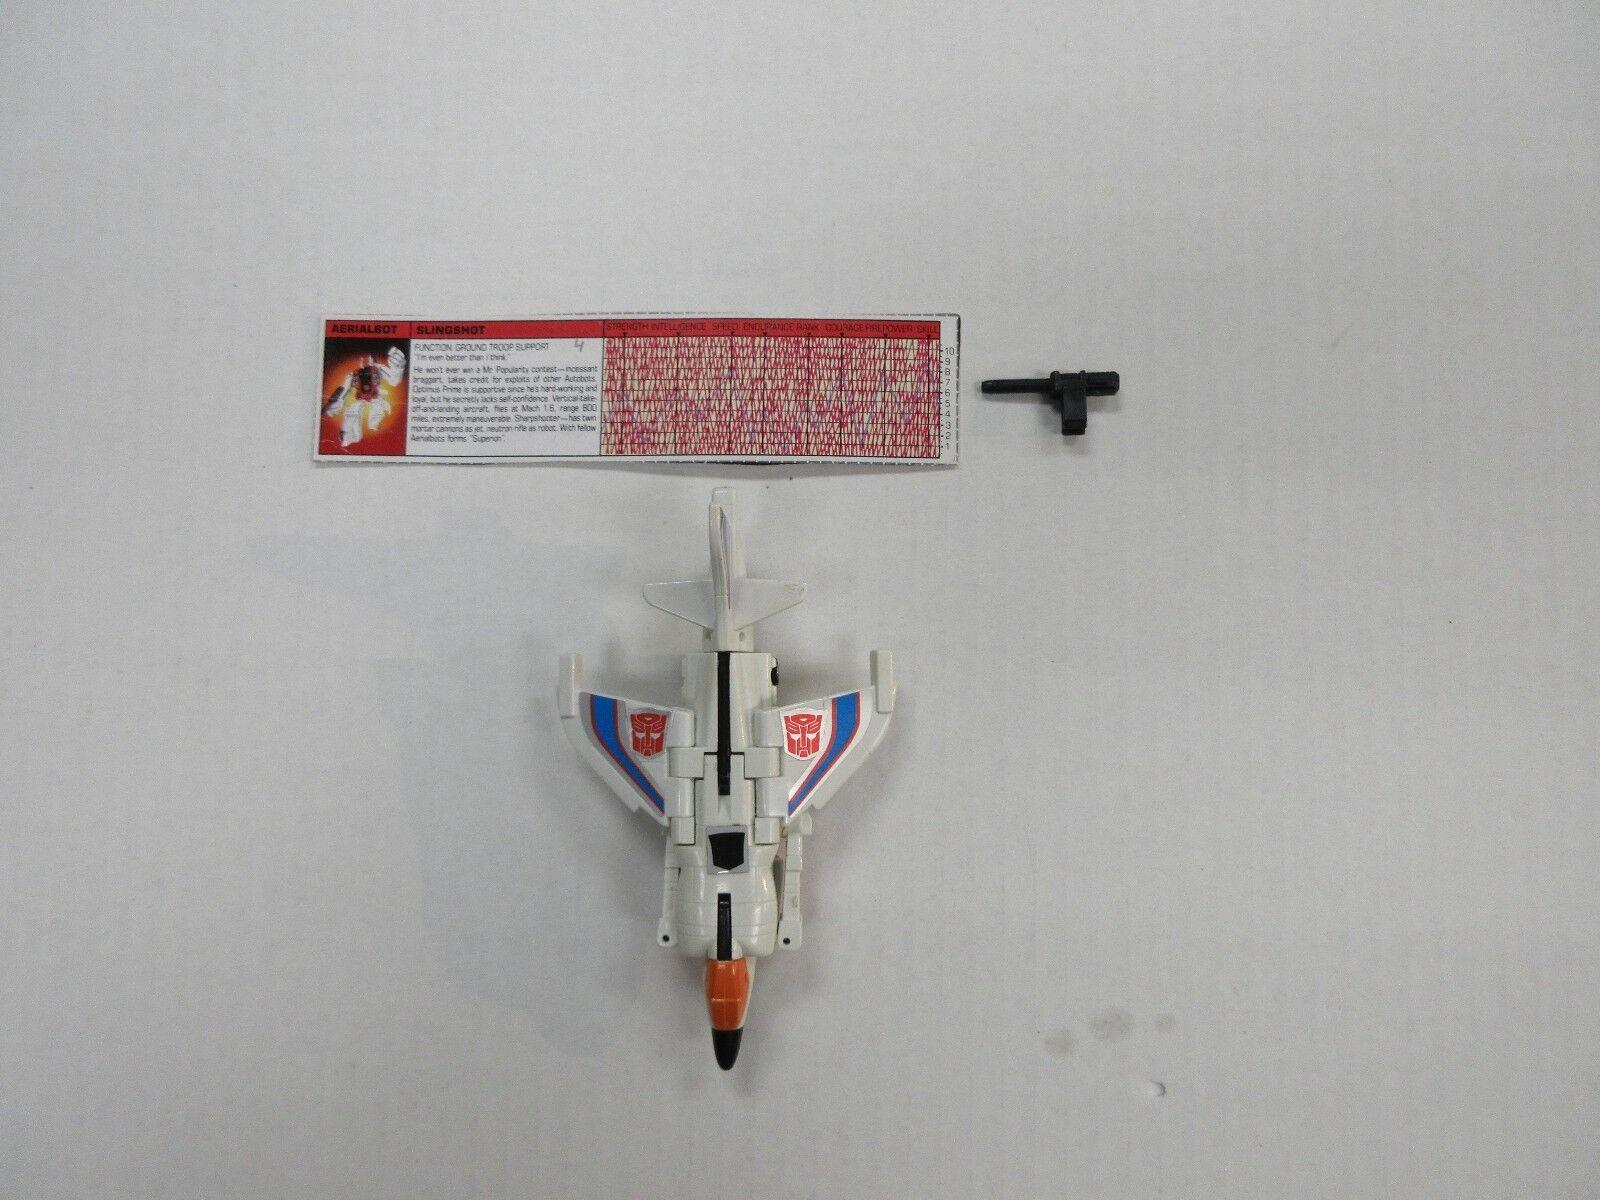 1986 G1 TRANSFORMERS SUPERION AERIALBOT SLINGSHOT 100% COMPLETE ROBOT TECH SPEC